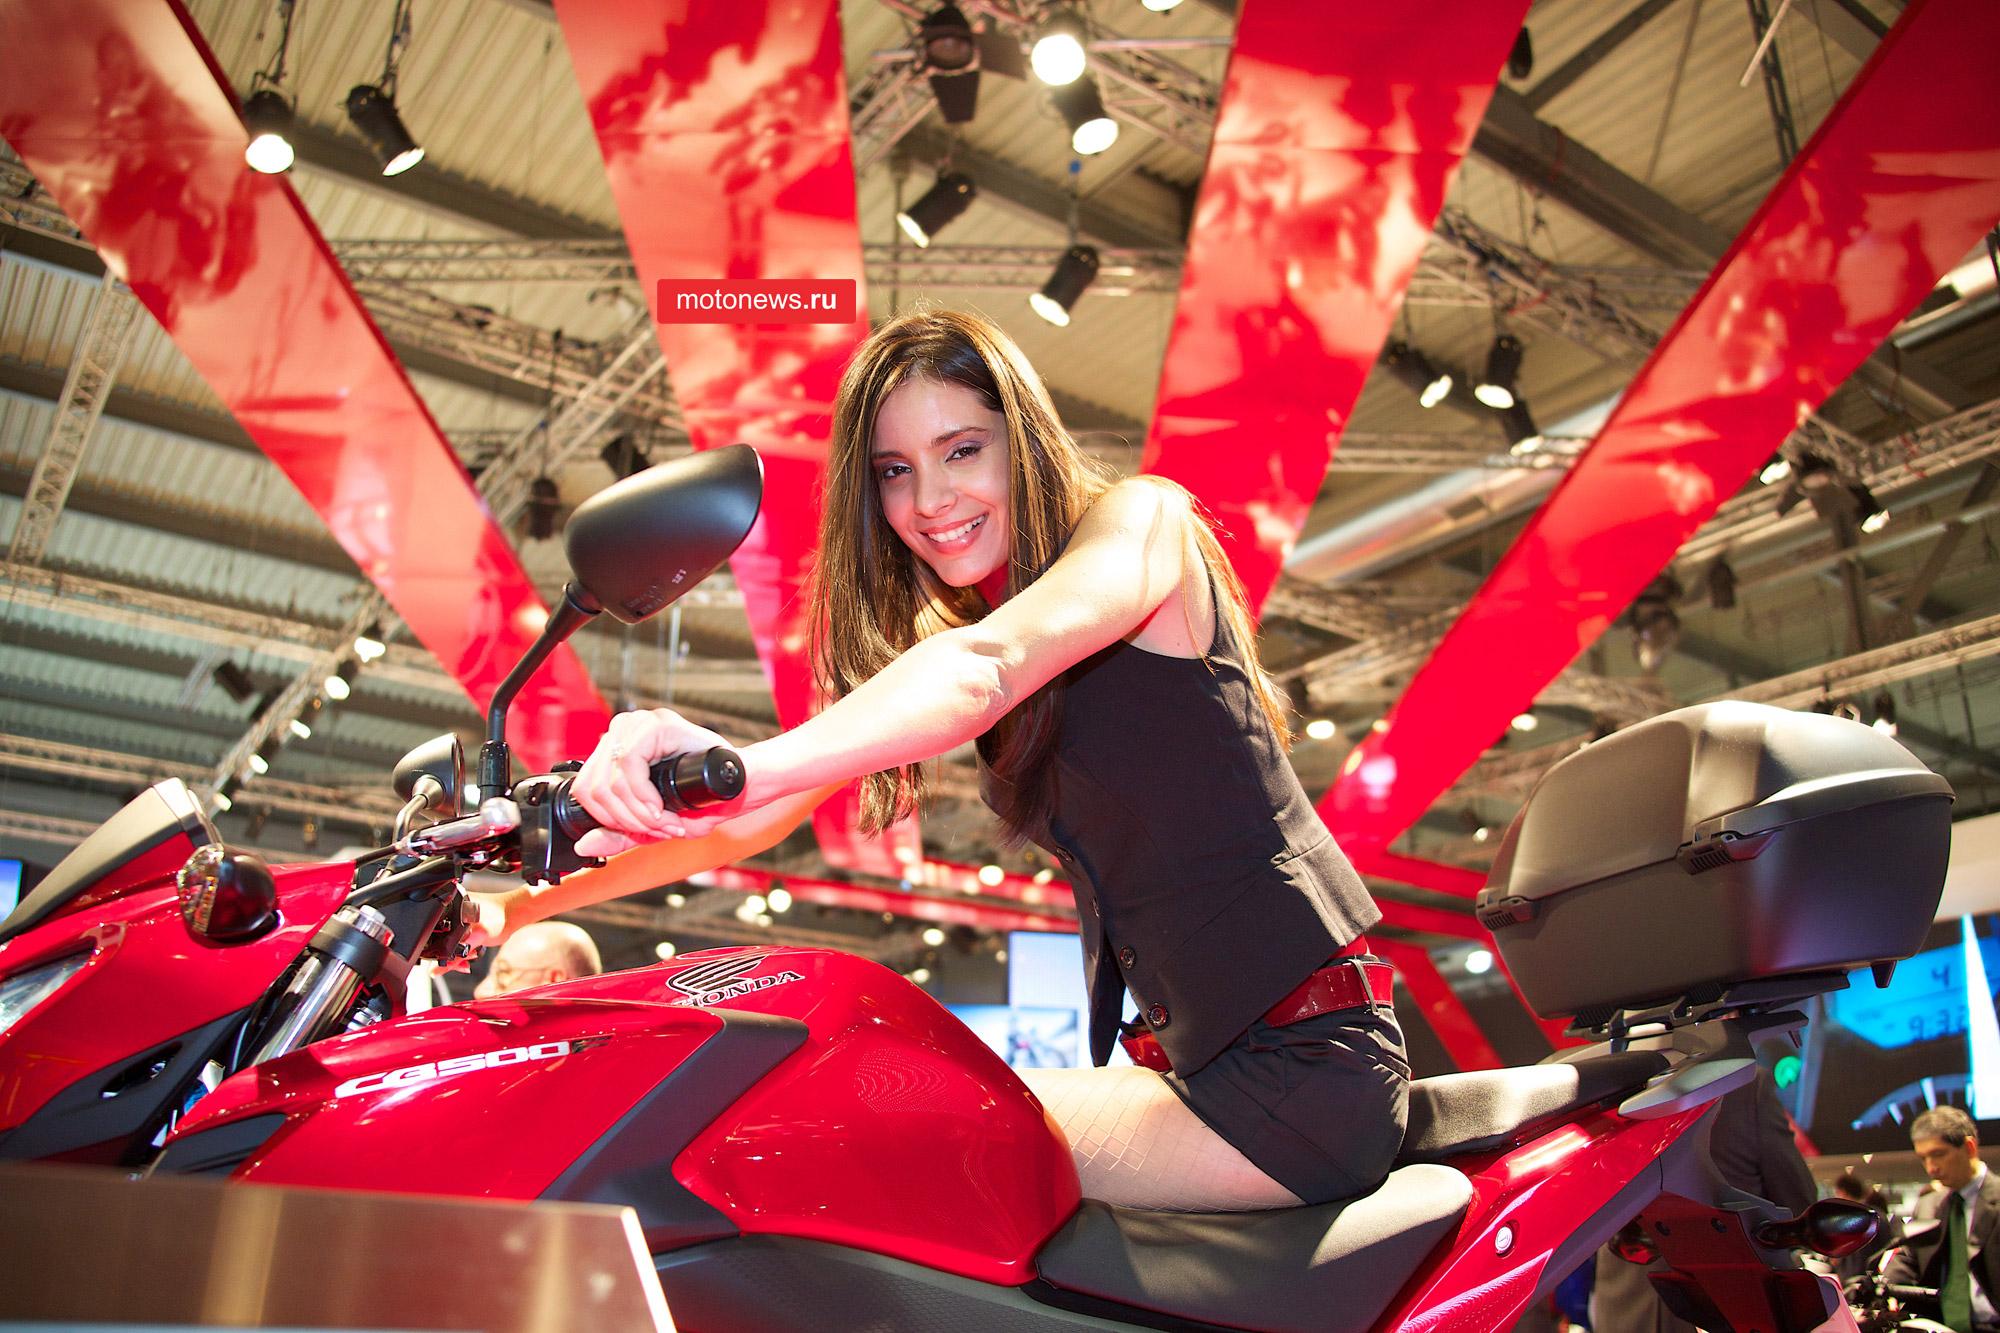 Красивейшие сексуальные девушки 1 2012 jpg